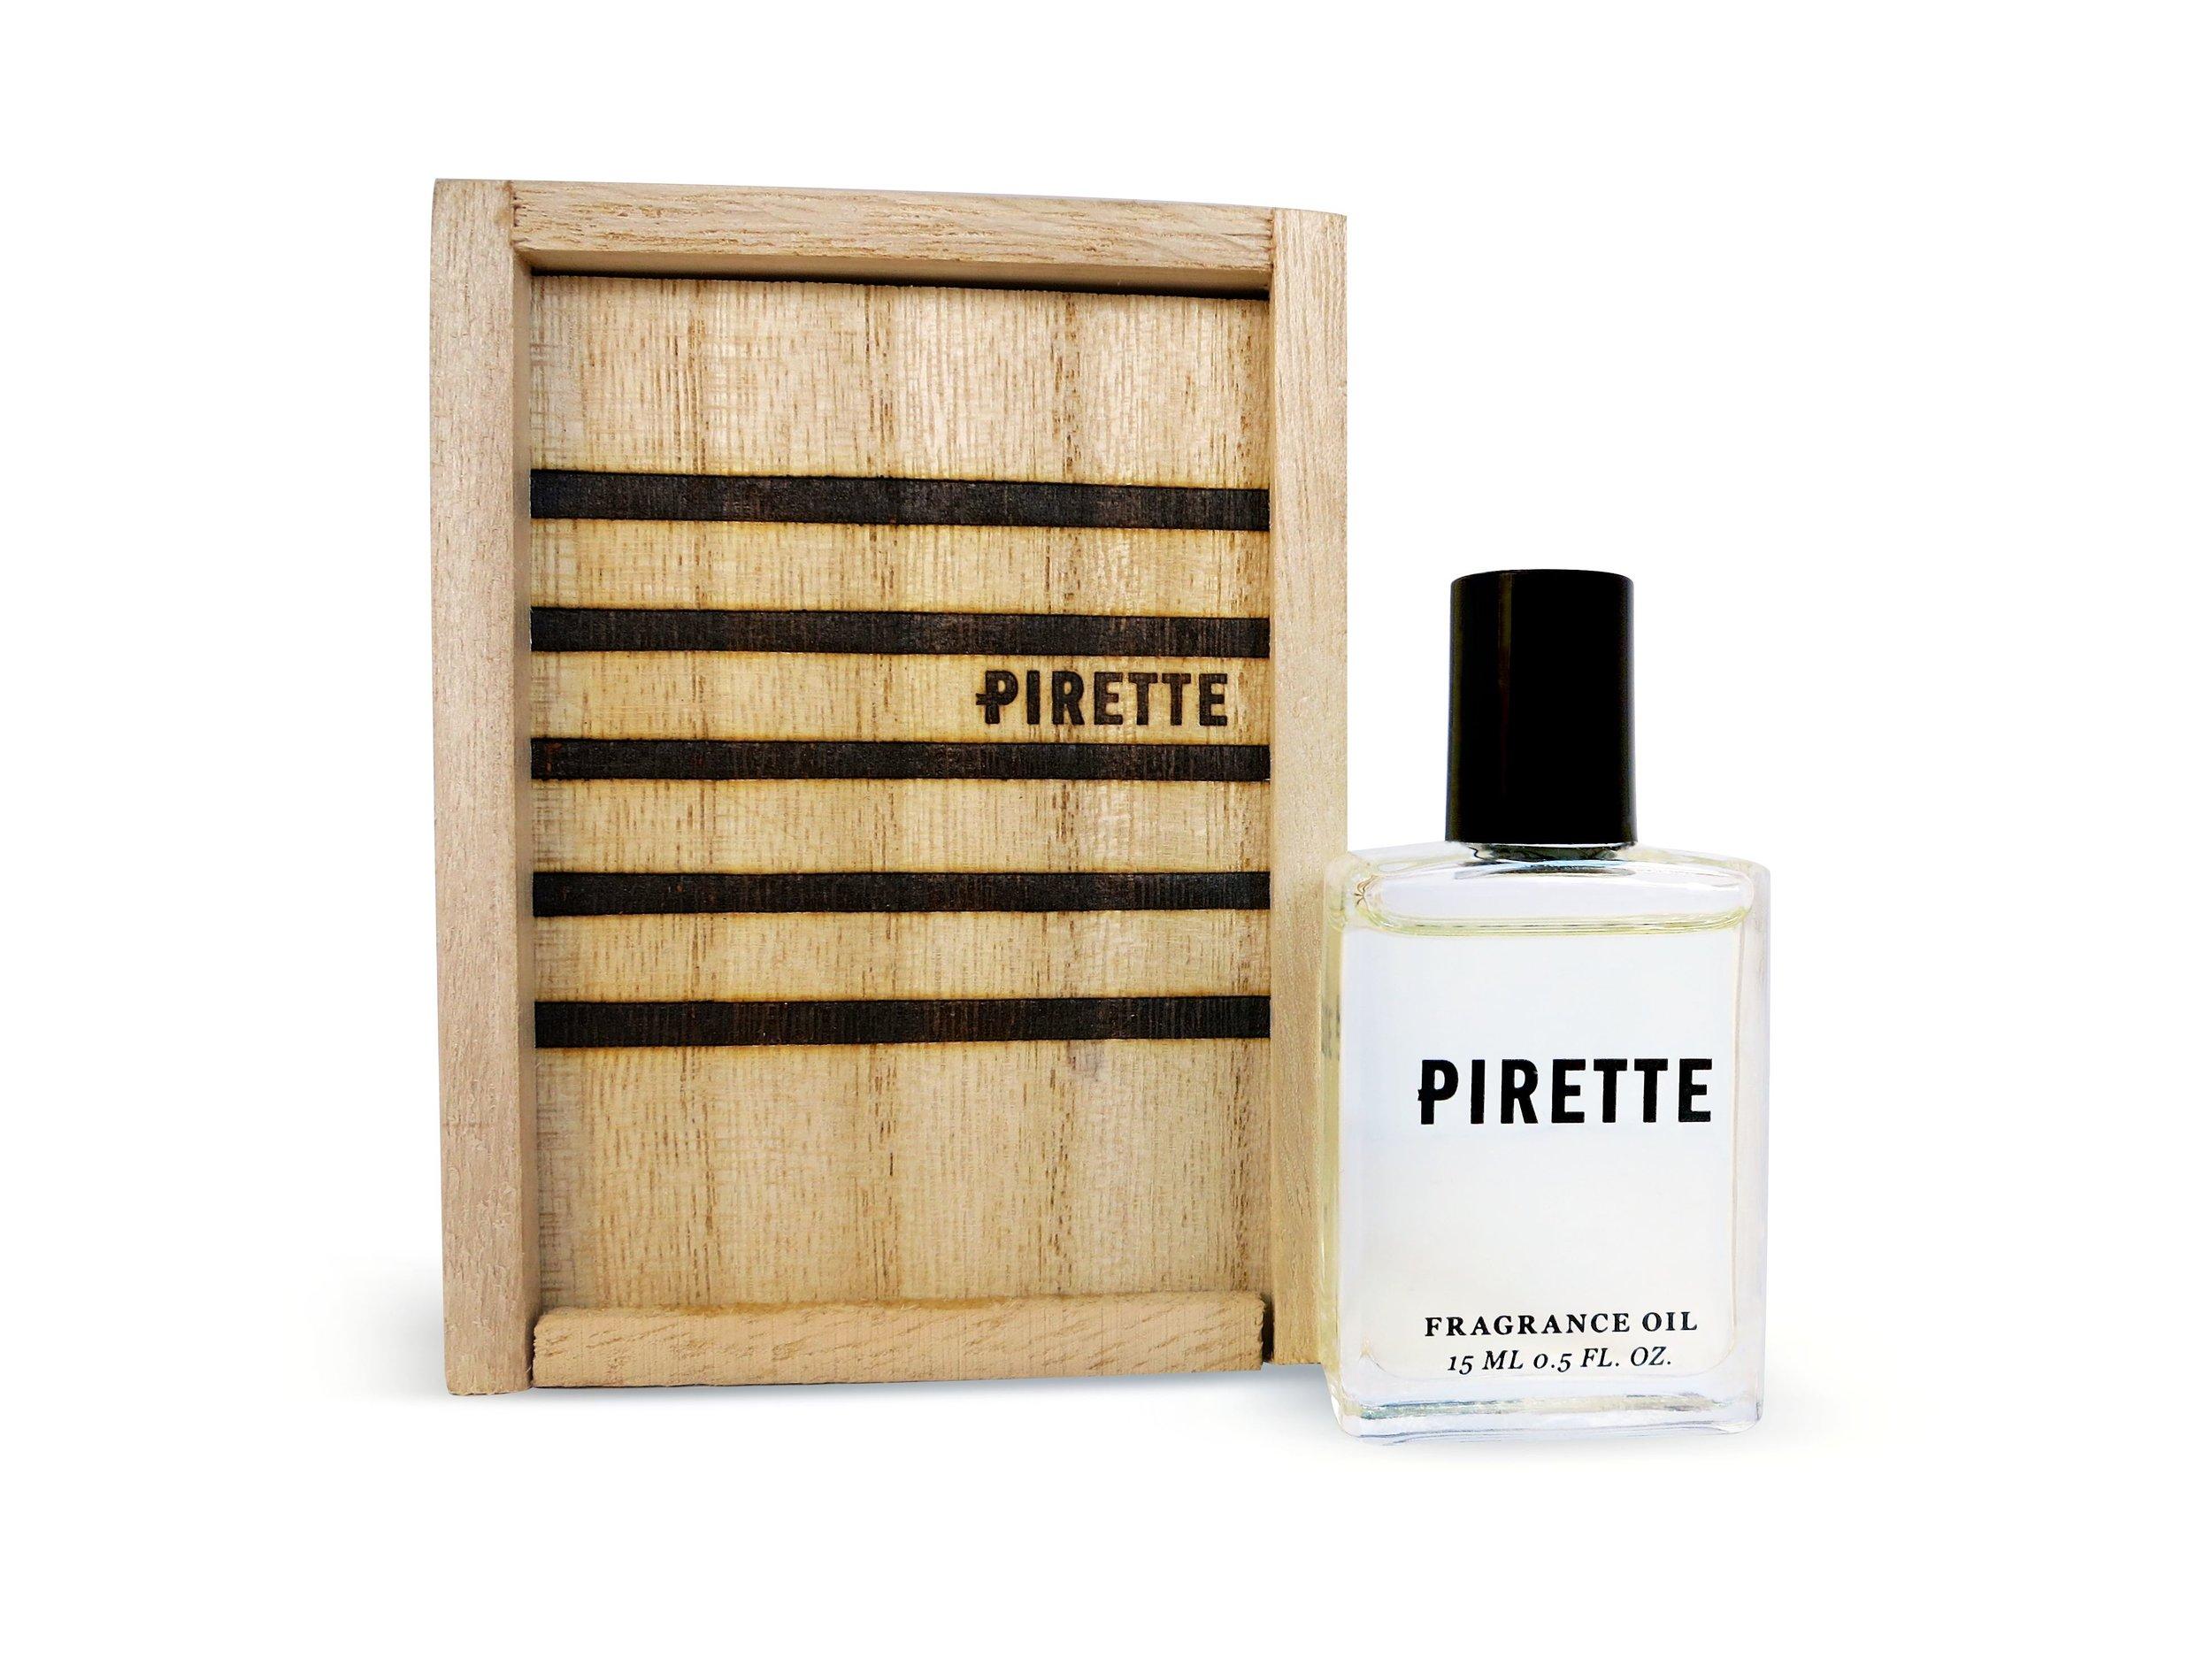 PIRETTE-Fragrance.jpg